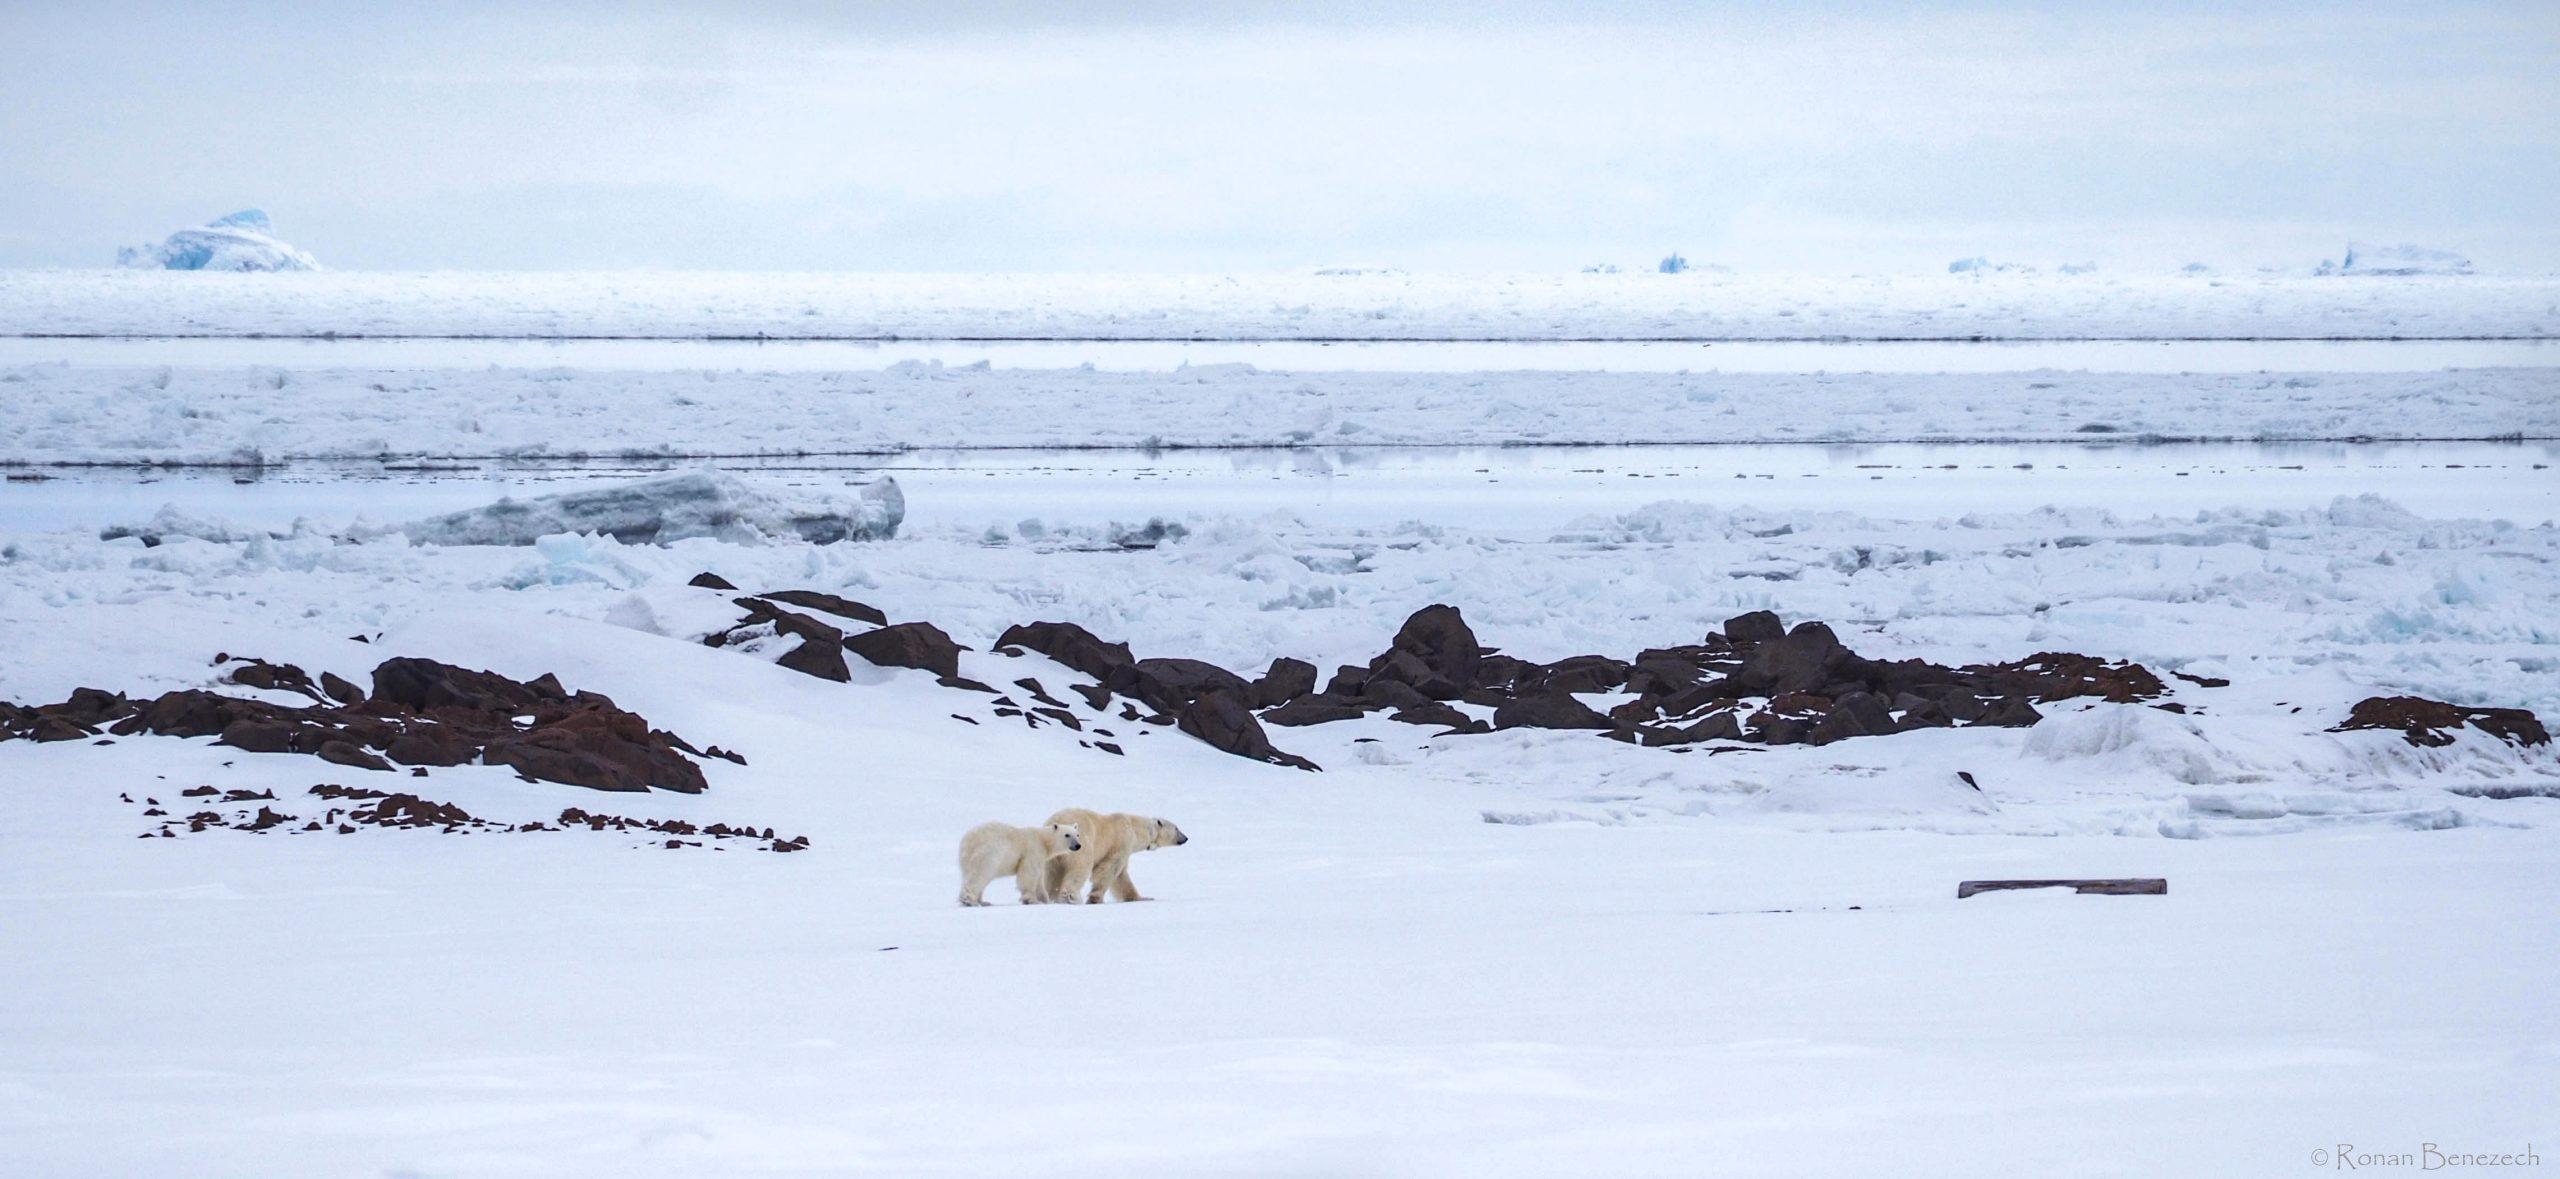 Ours polaires sur la banquise au Spitzberg